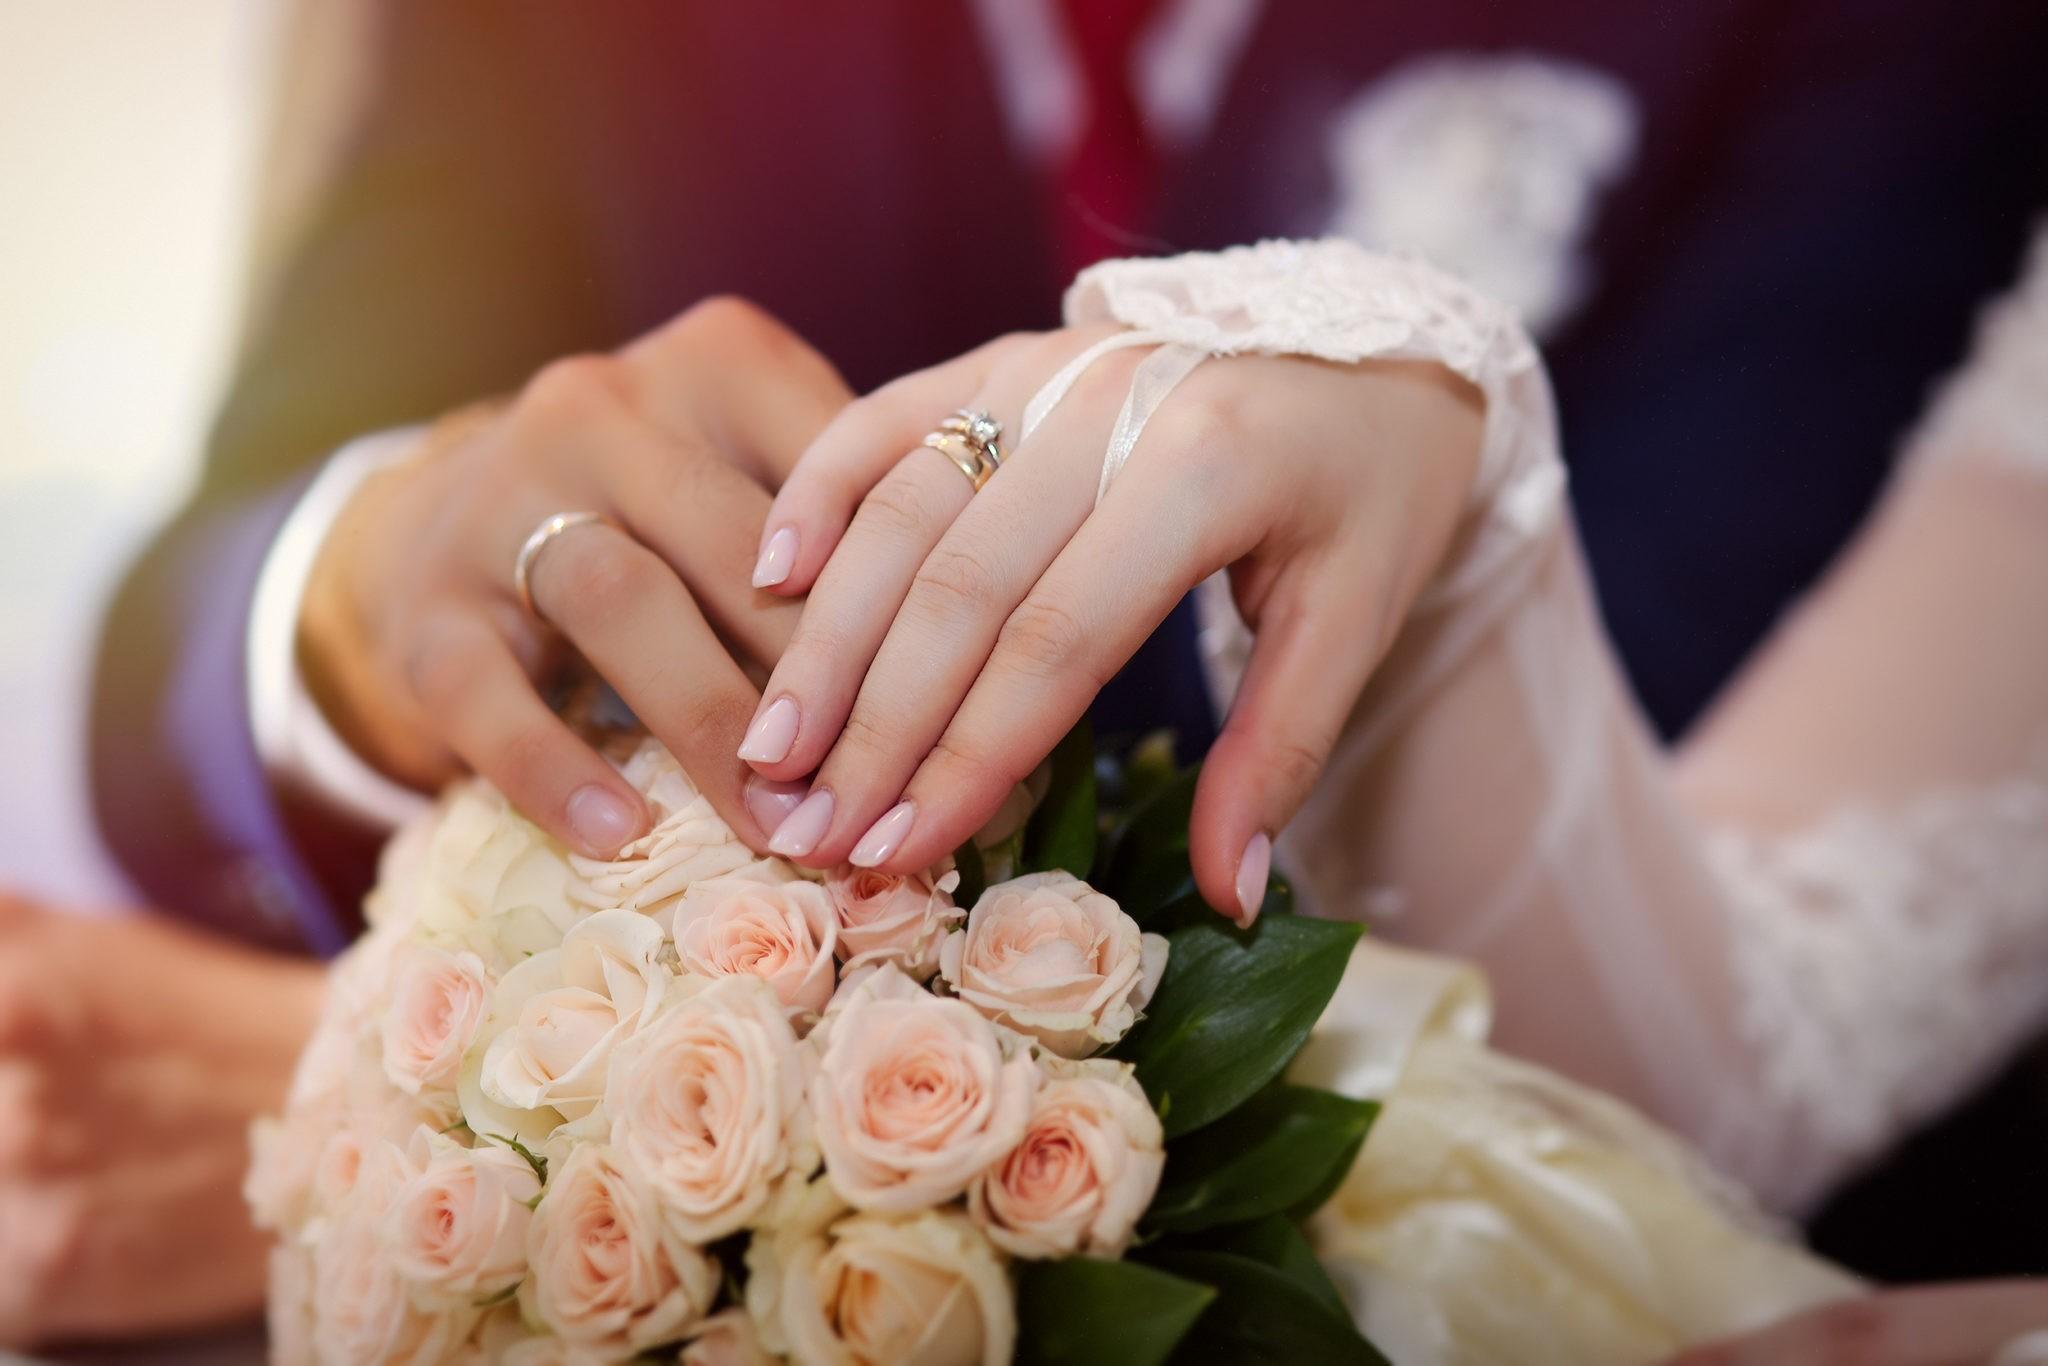 Свадебная фотосъемка в ресторане, съемка крупных планов от свадебного фотографа